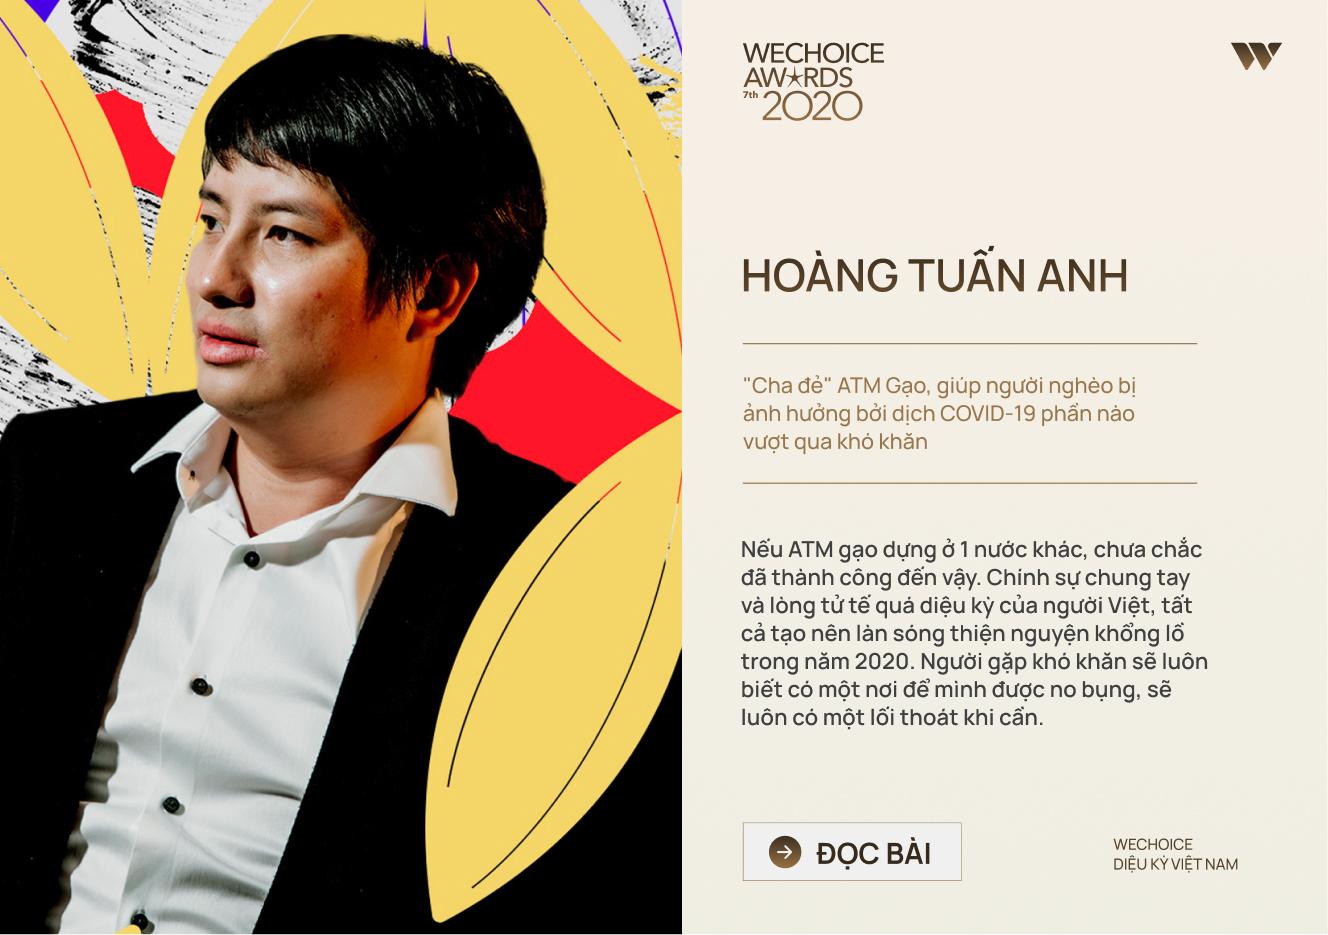 20 đề cử nhân vật truyền cảm hứng của WeChoice Awards 2020: Những câu chuyện tạo nên Diệu kỳ Việt Nam - Ảnh 2.